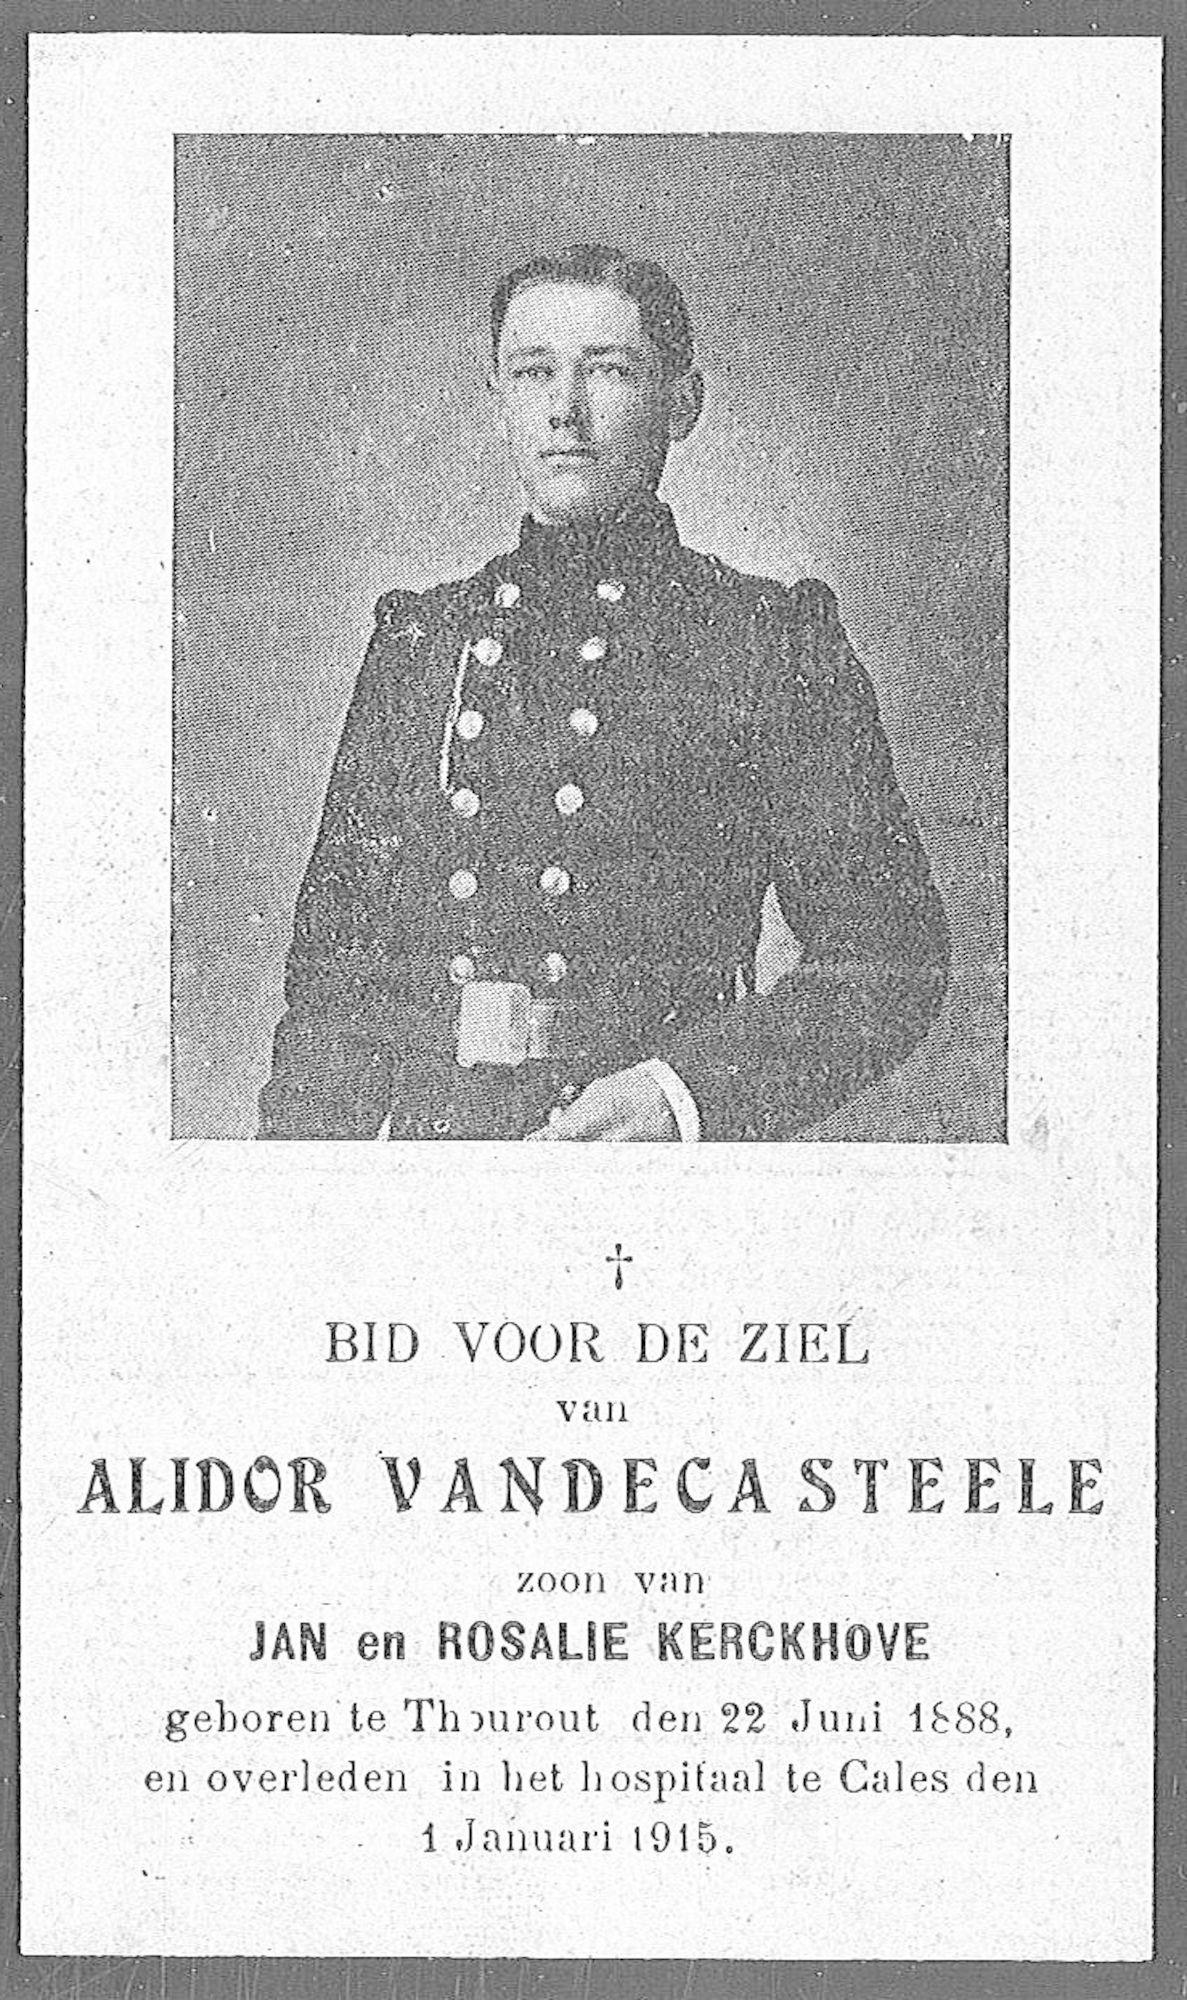 Alidor Vandecasteele